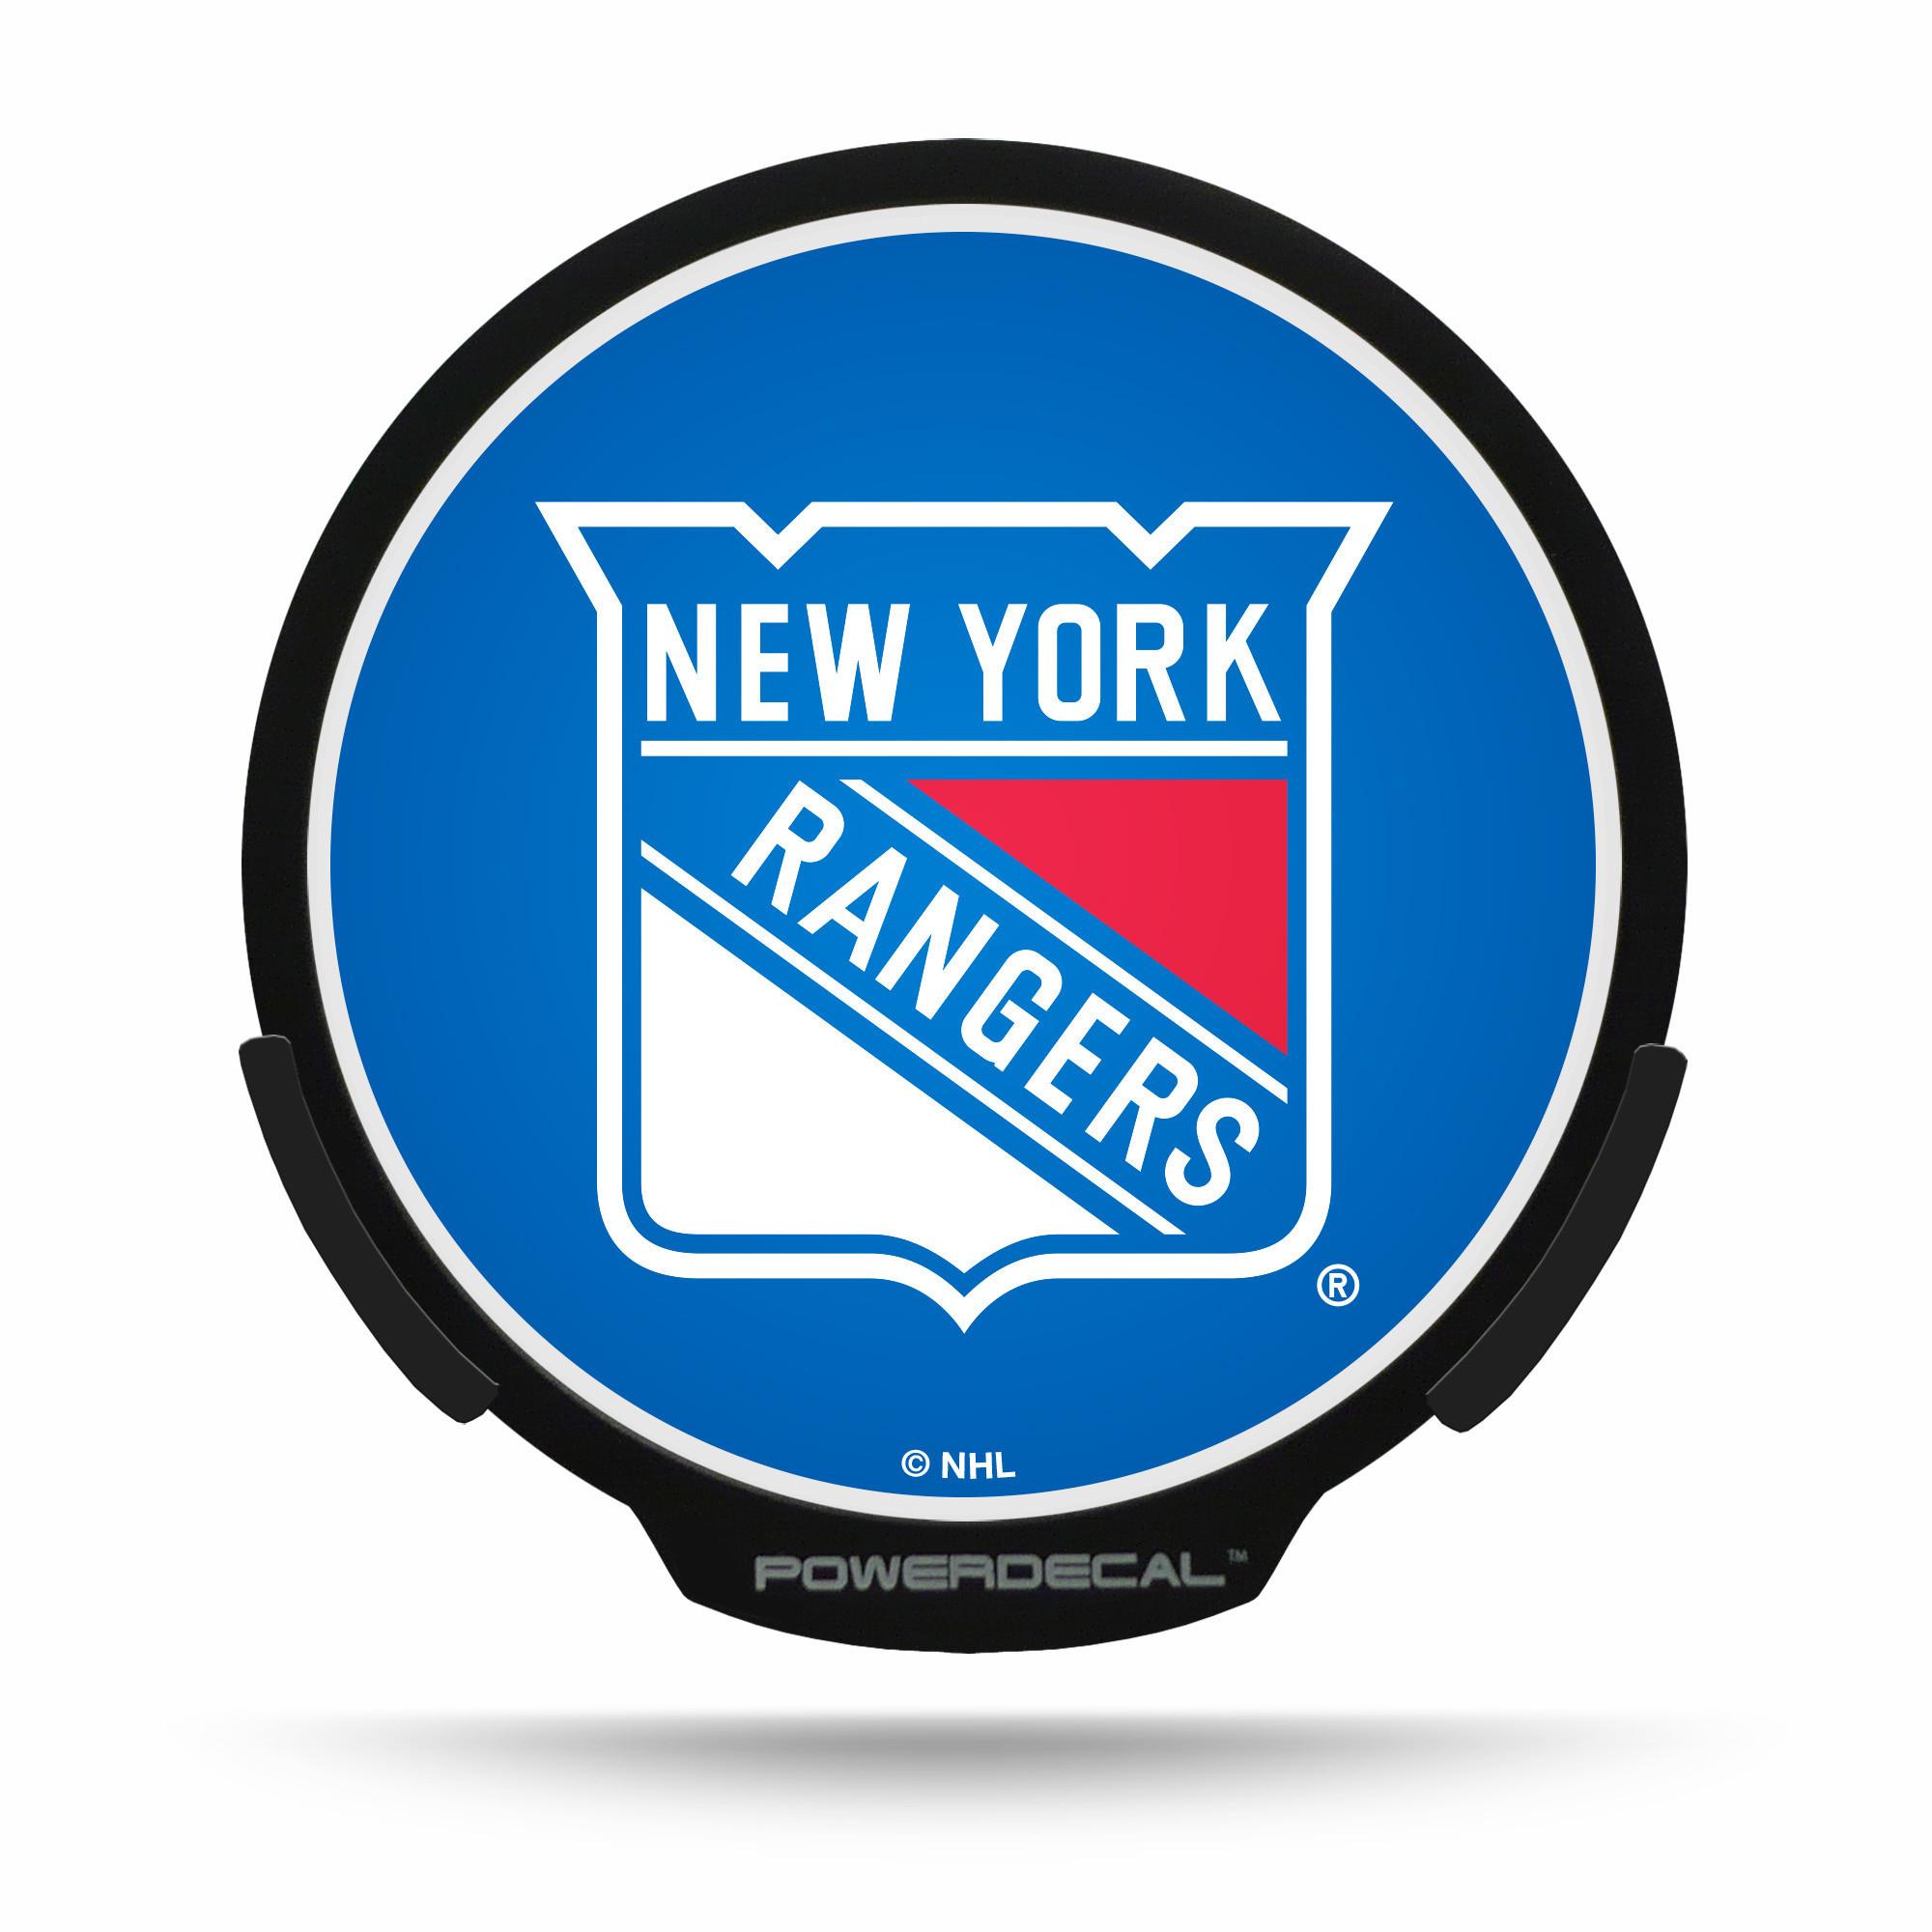 New-York-Ranger-Logo-2000×2000